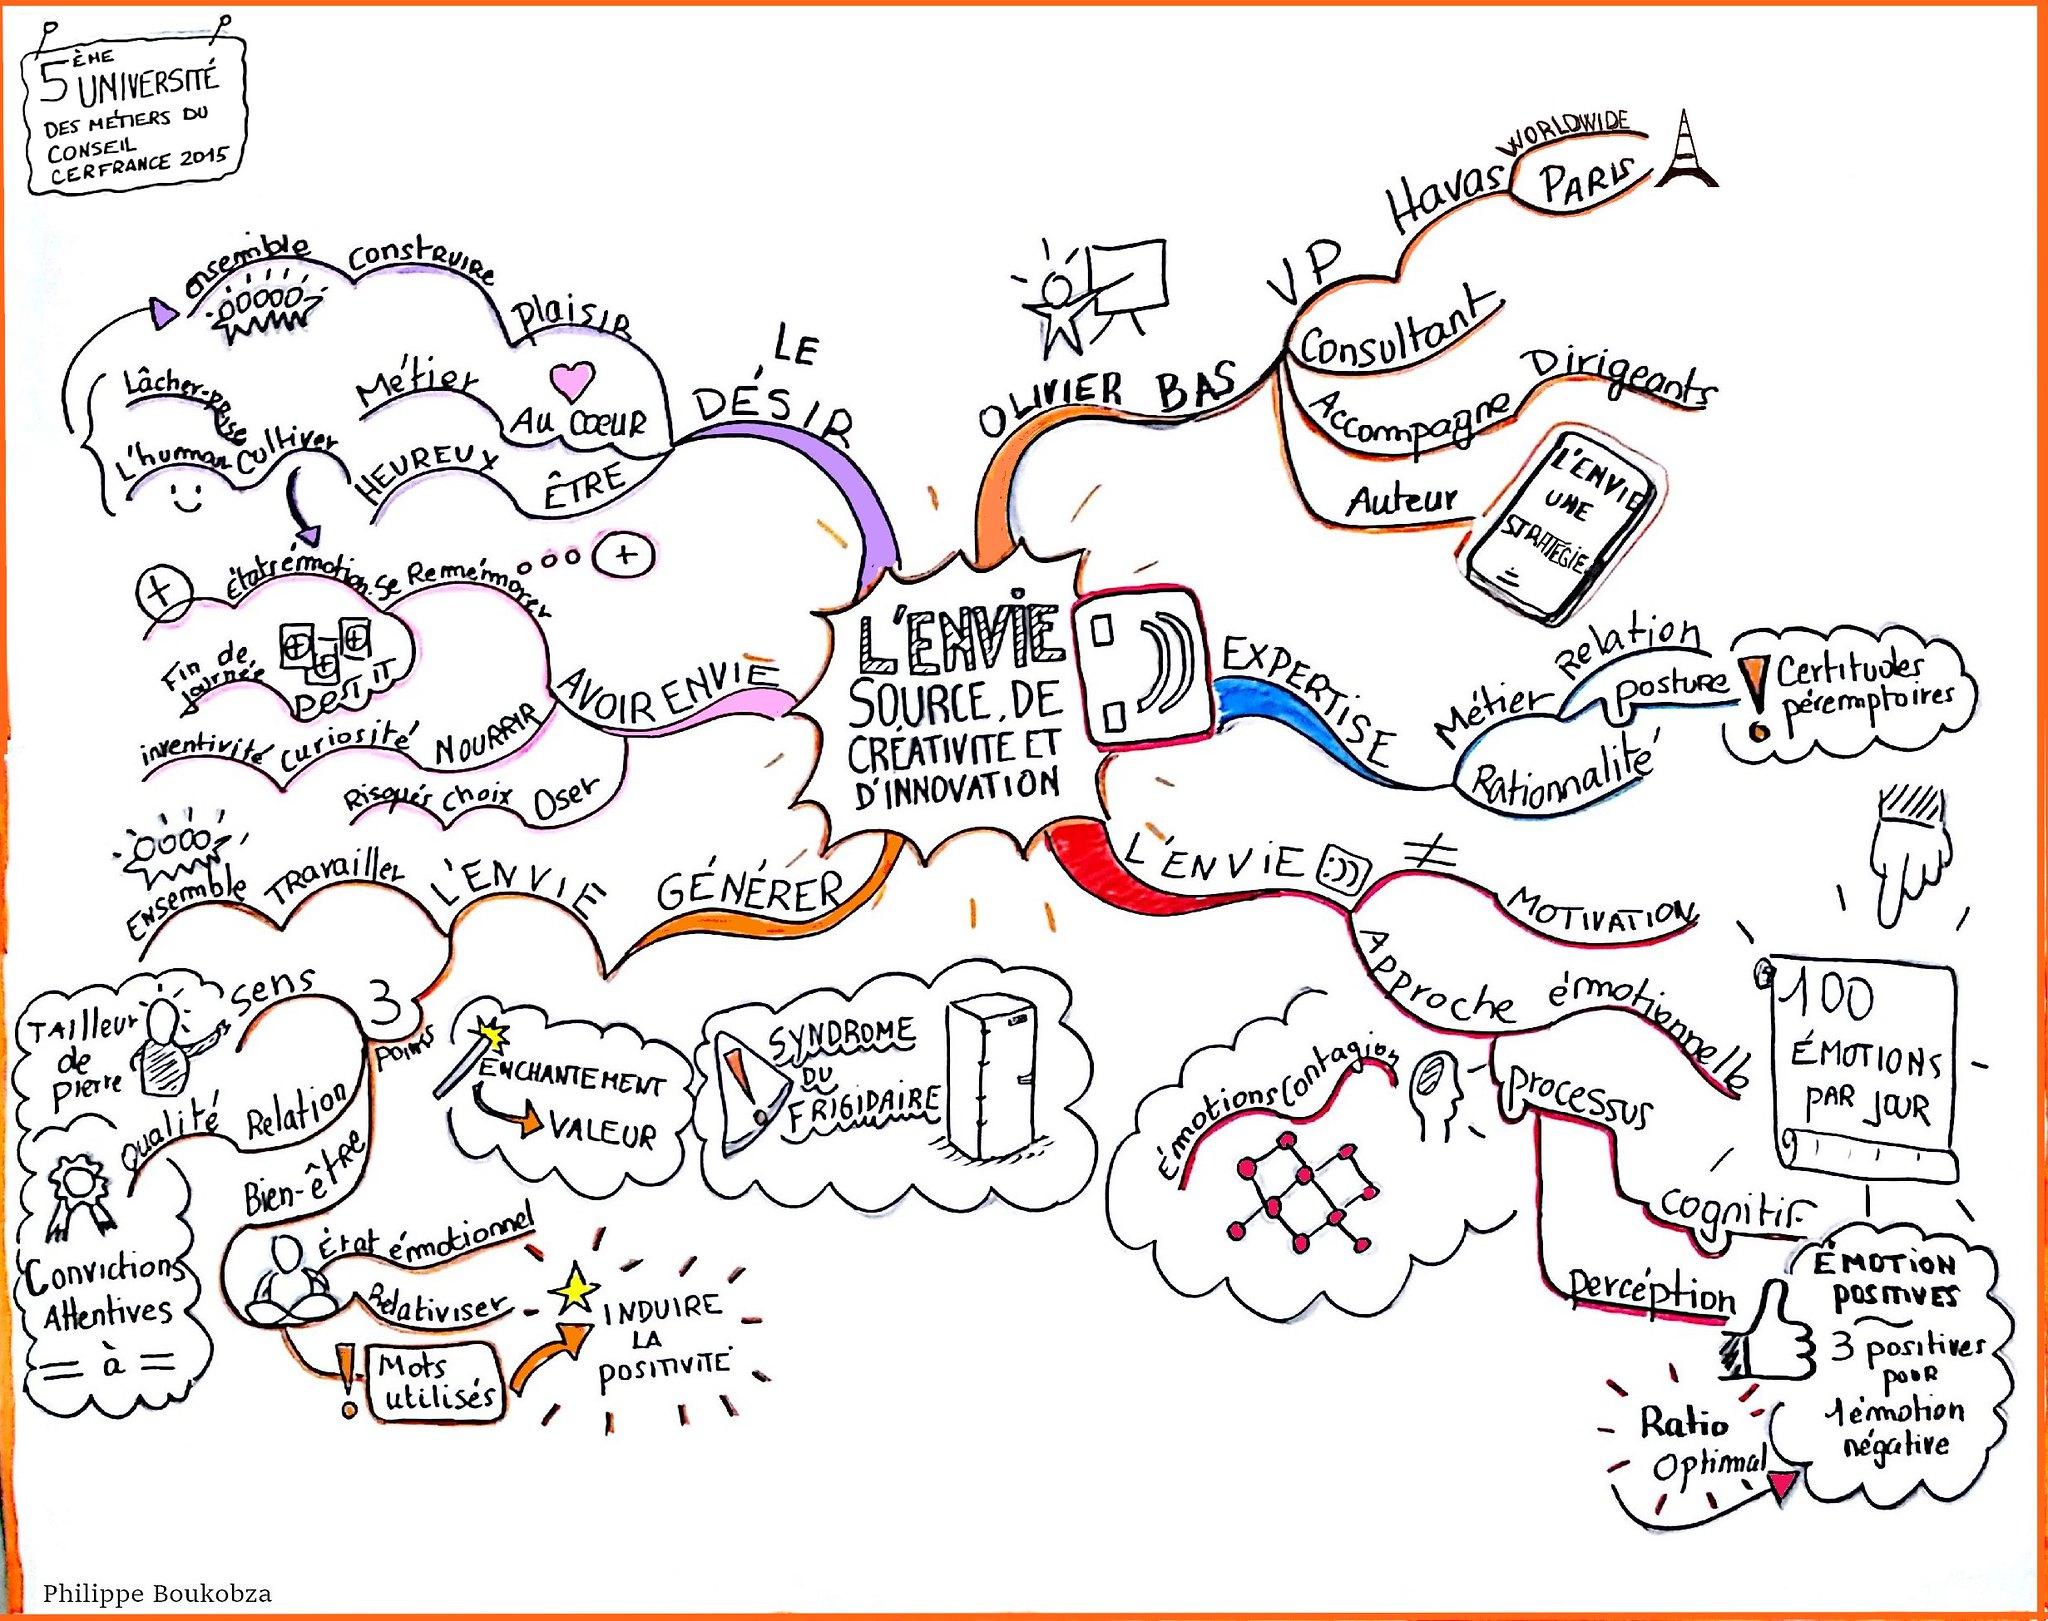 L'envie: source de créativité et d'innovation